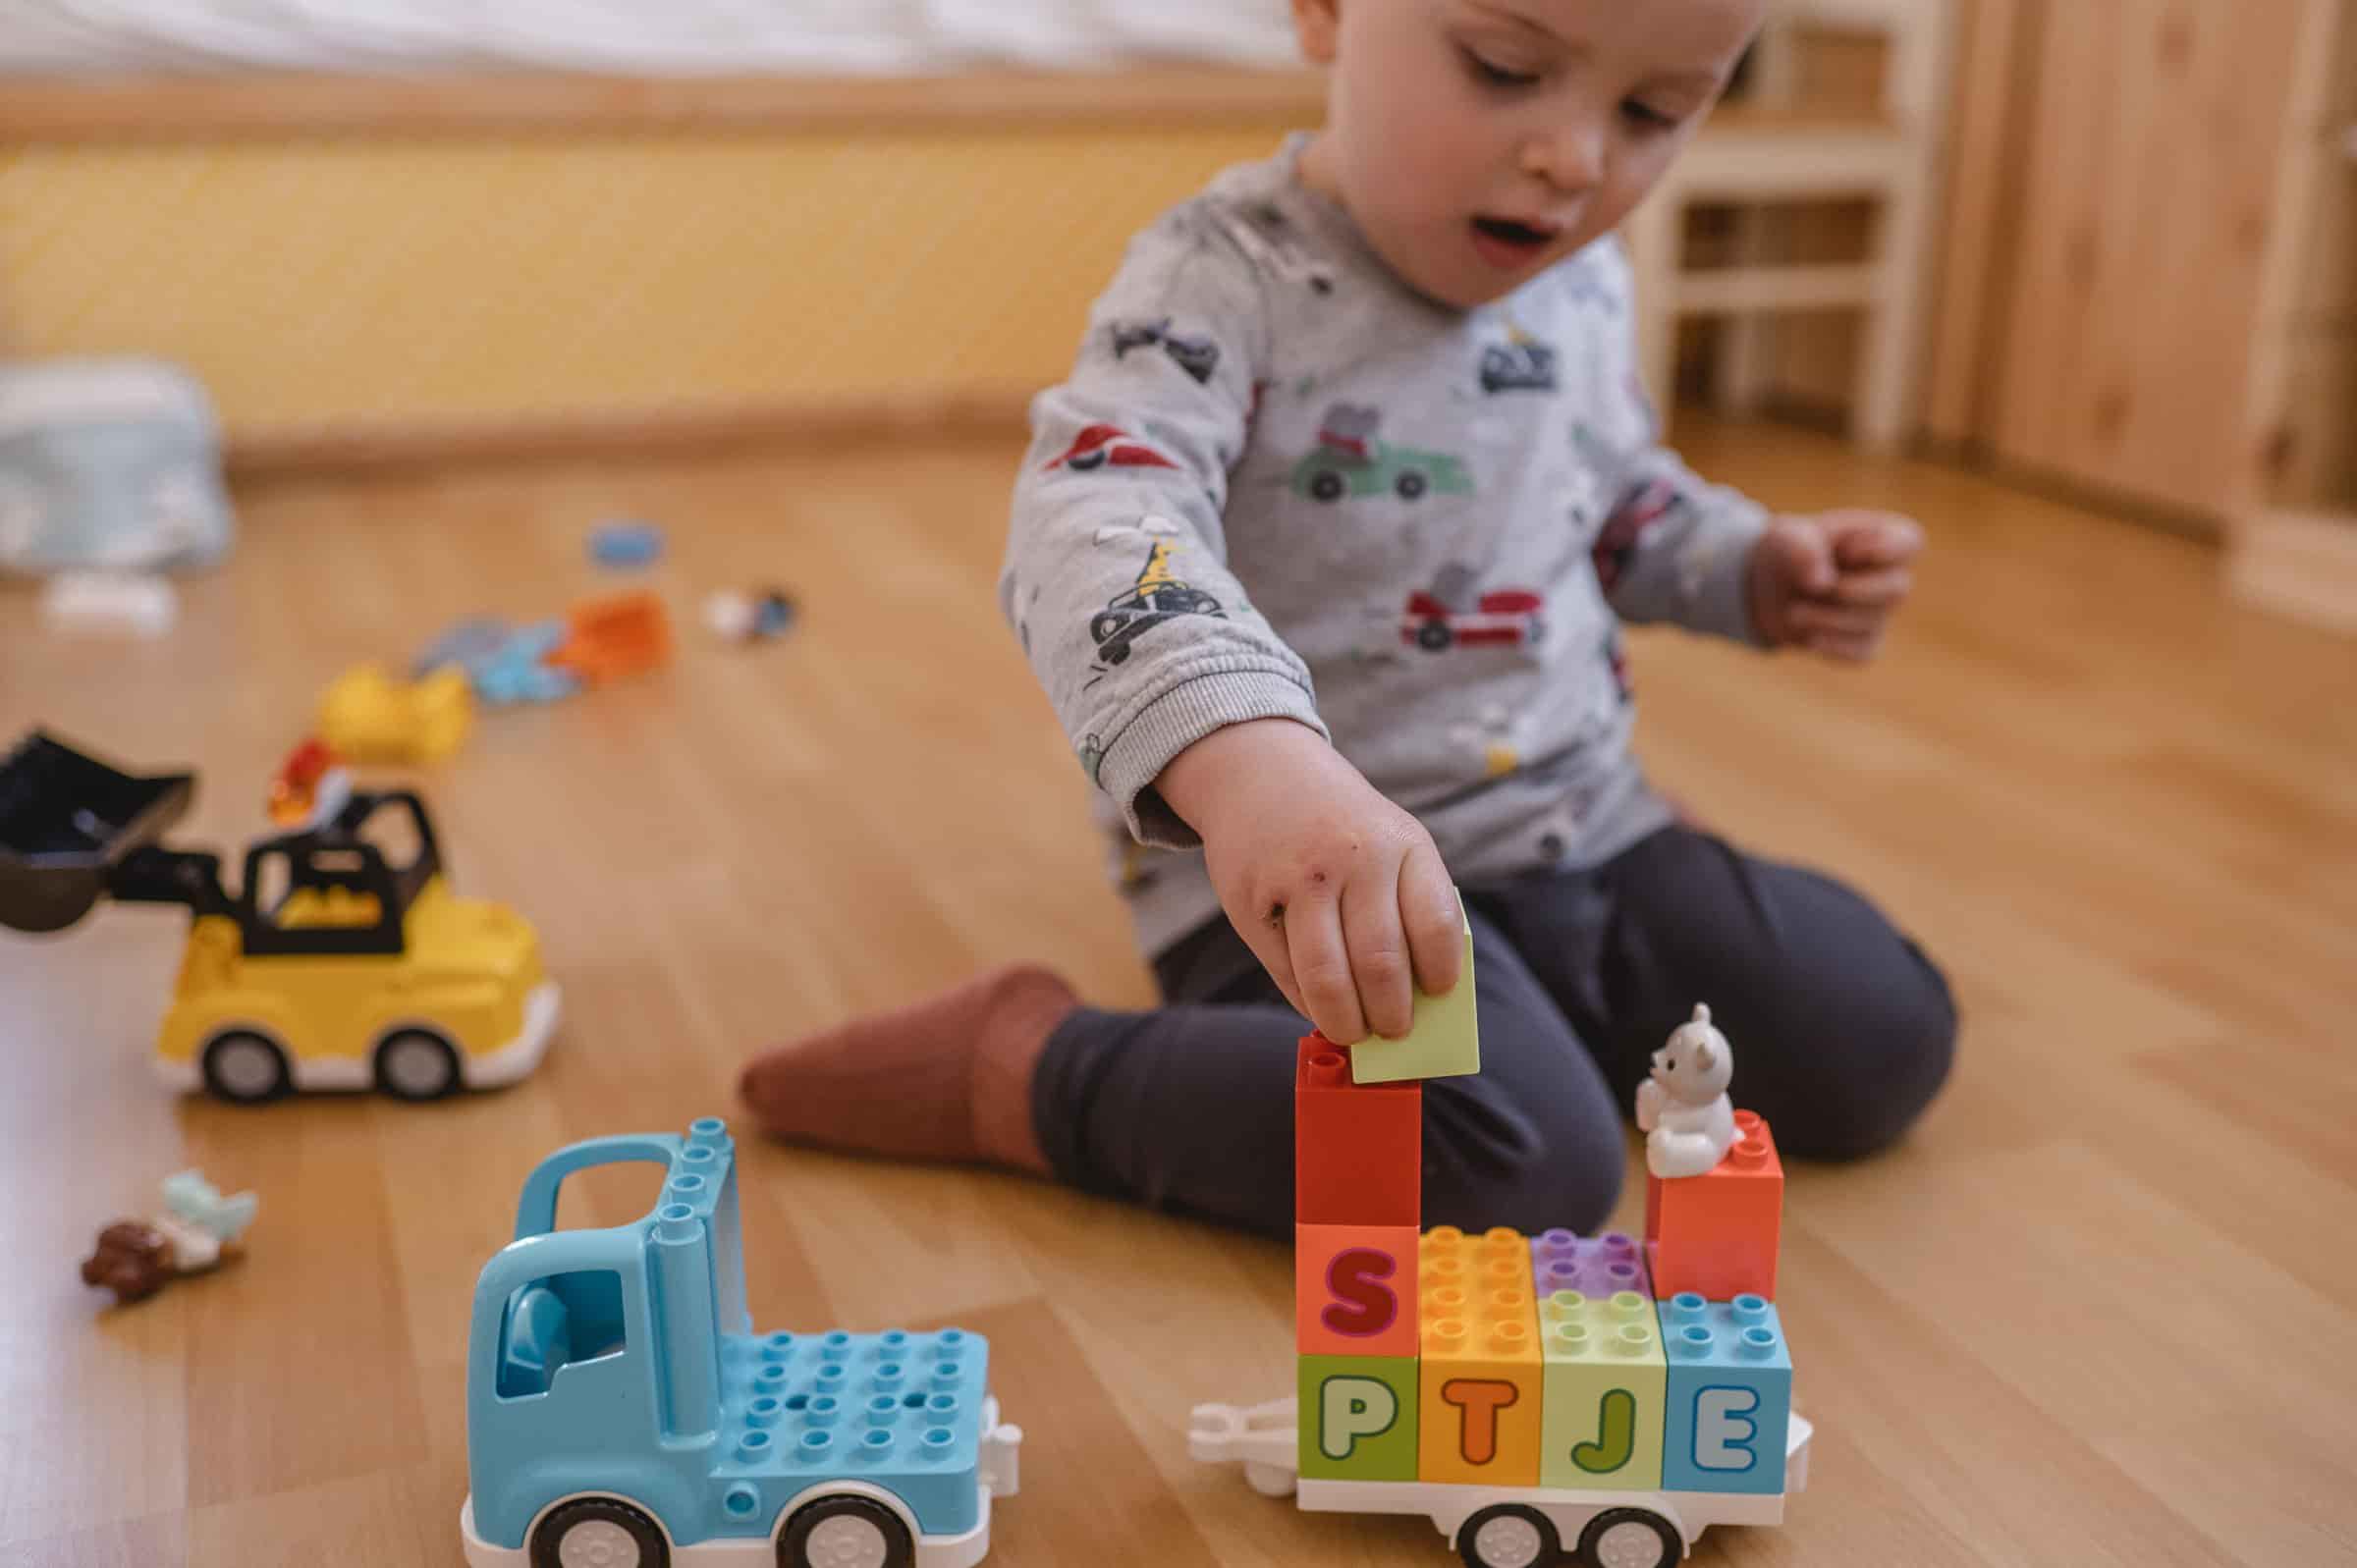 Sein auf Stein - früh übt sich mit dem ABC-Lastwagen von LEGO DUPLO.